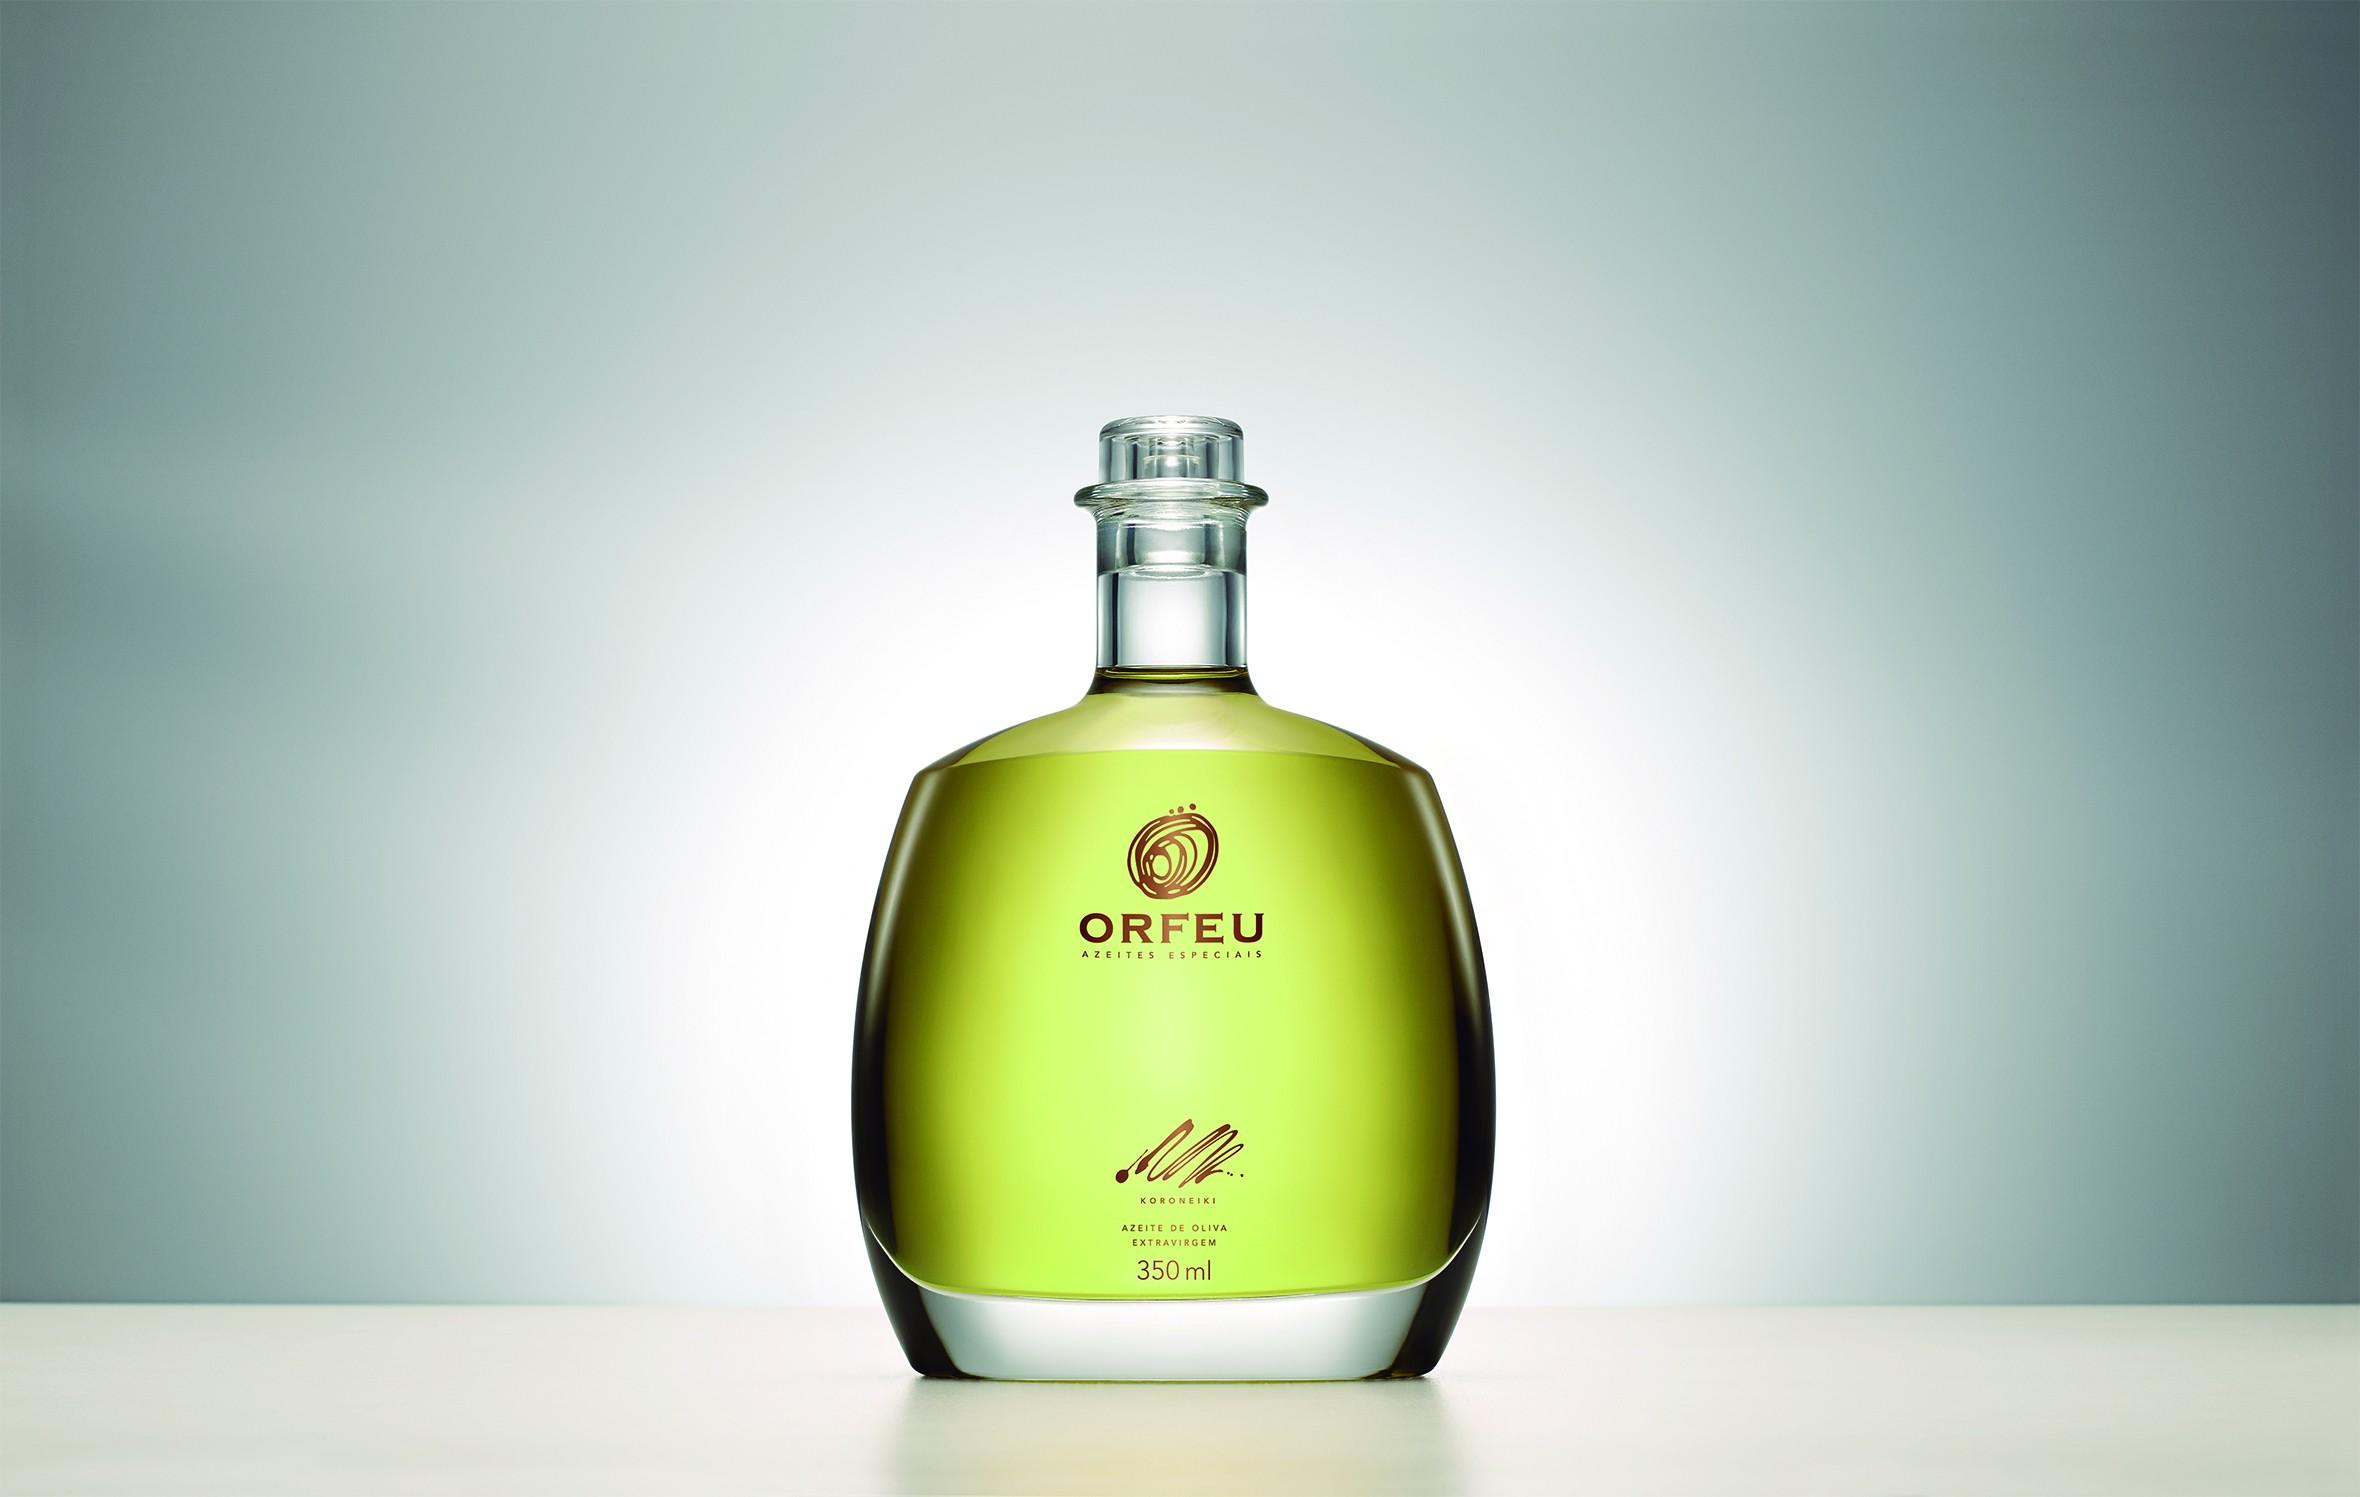 Azeite Orfeu (koroneiki)